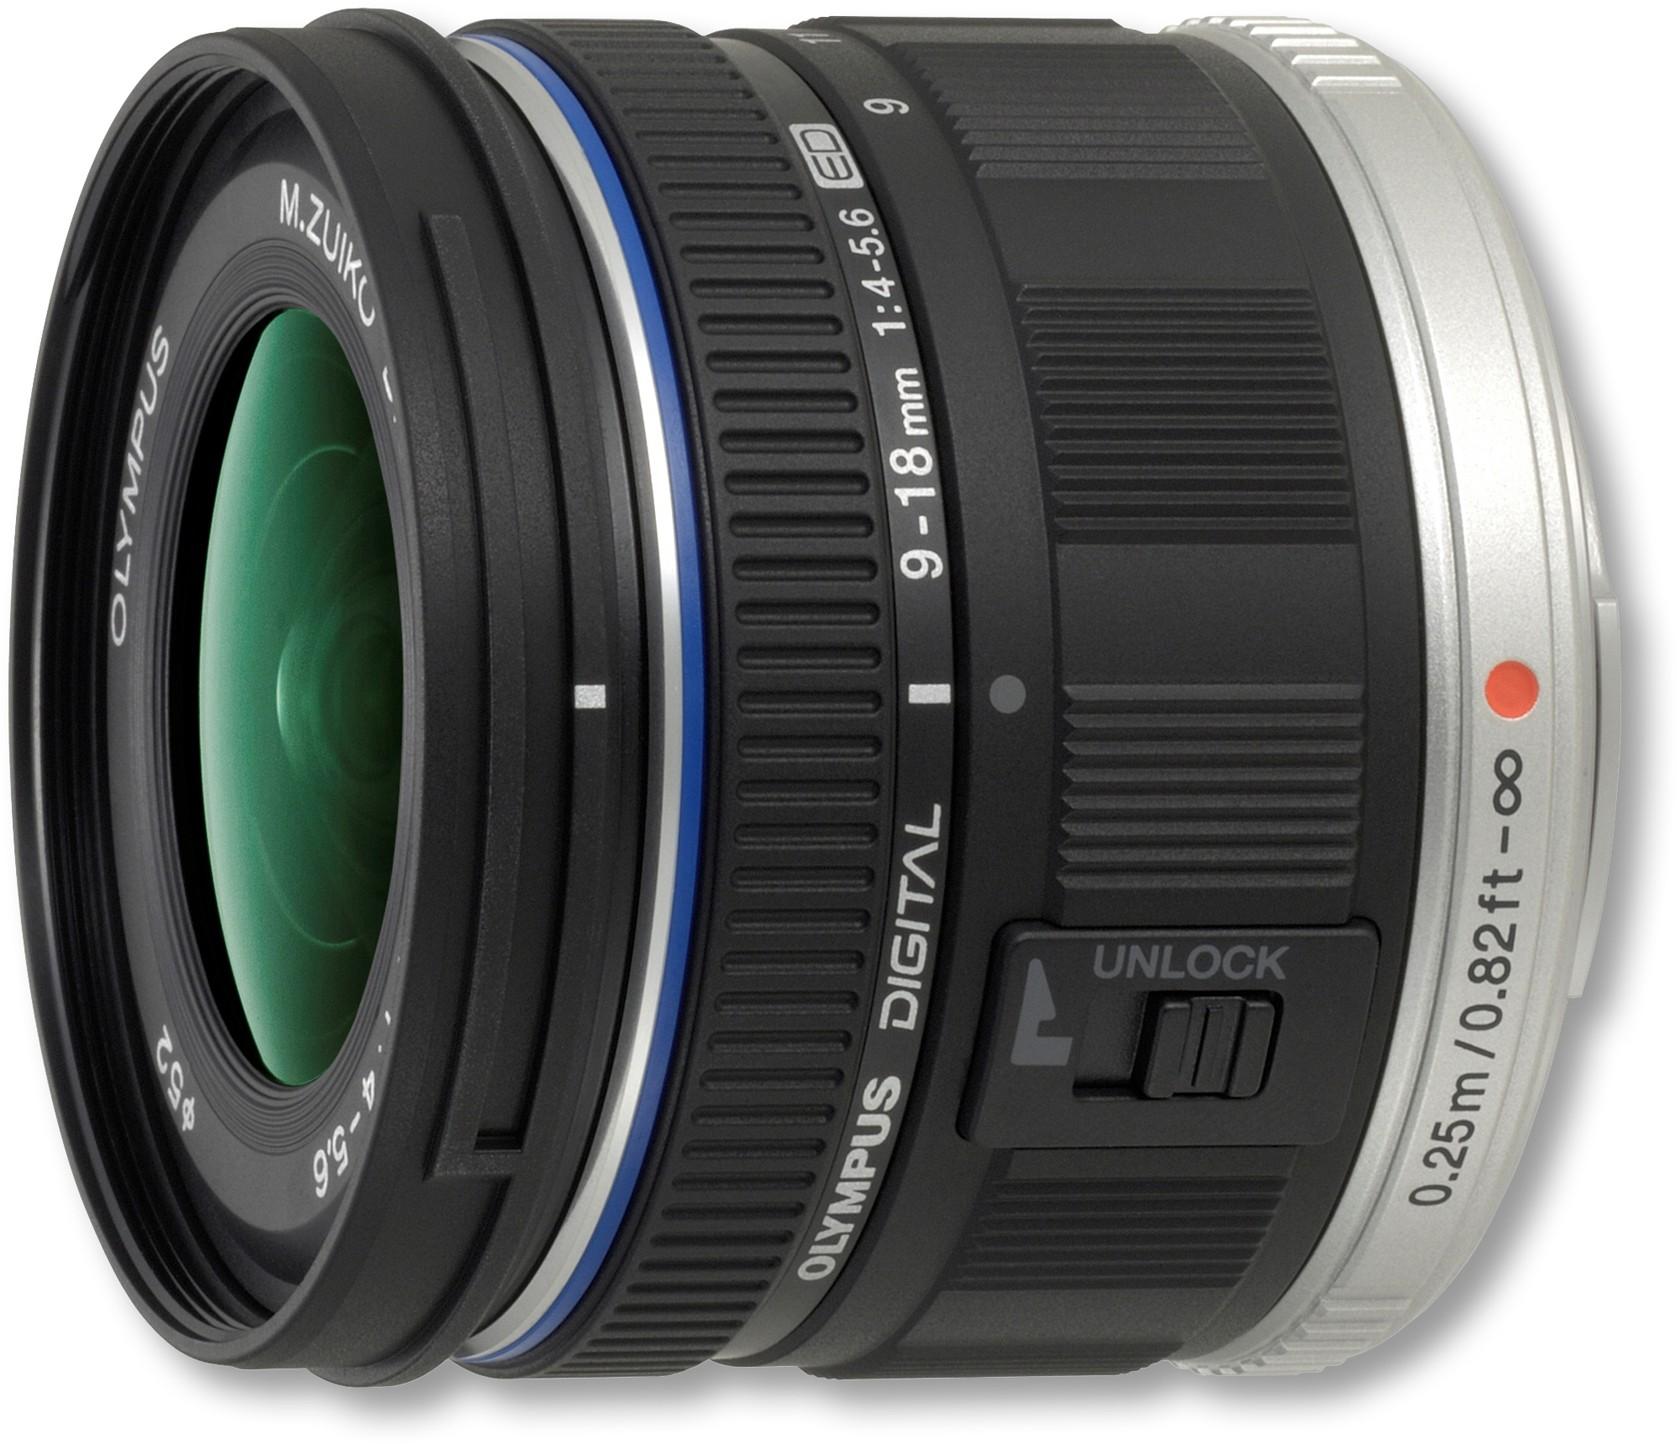 M.Zuiko Digital ED 9-18mm f/4.0-5.6 objektiiv, mus..